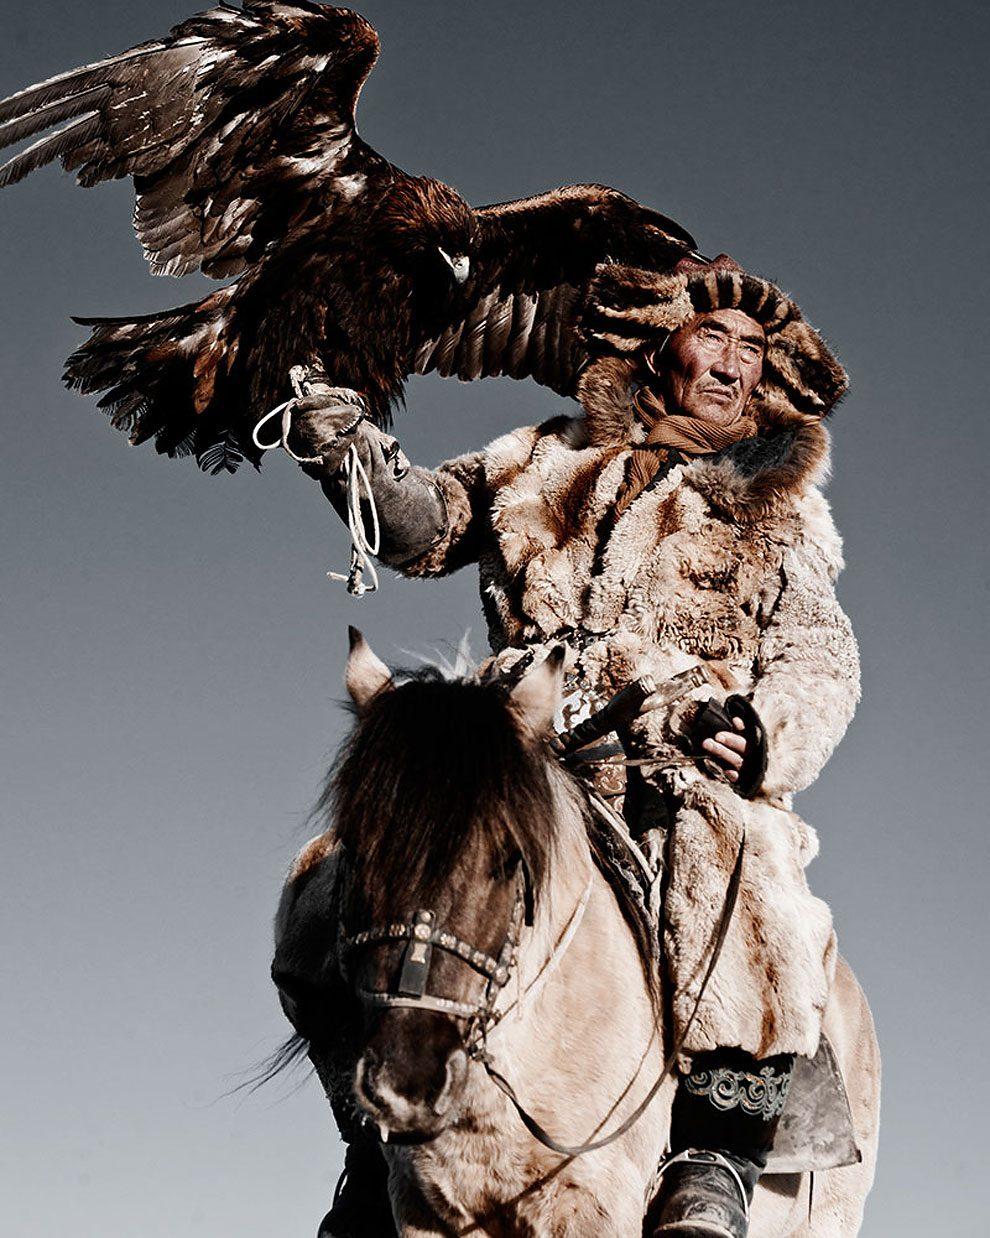 tribu-indigeni-mondo-fotografia-before-they-pass-away-jimmy-nelson-43